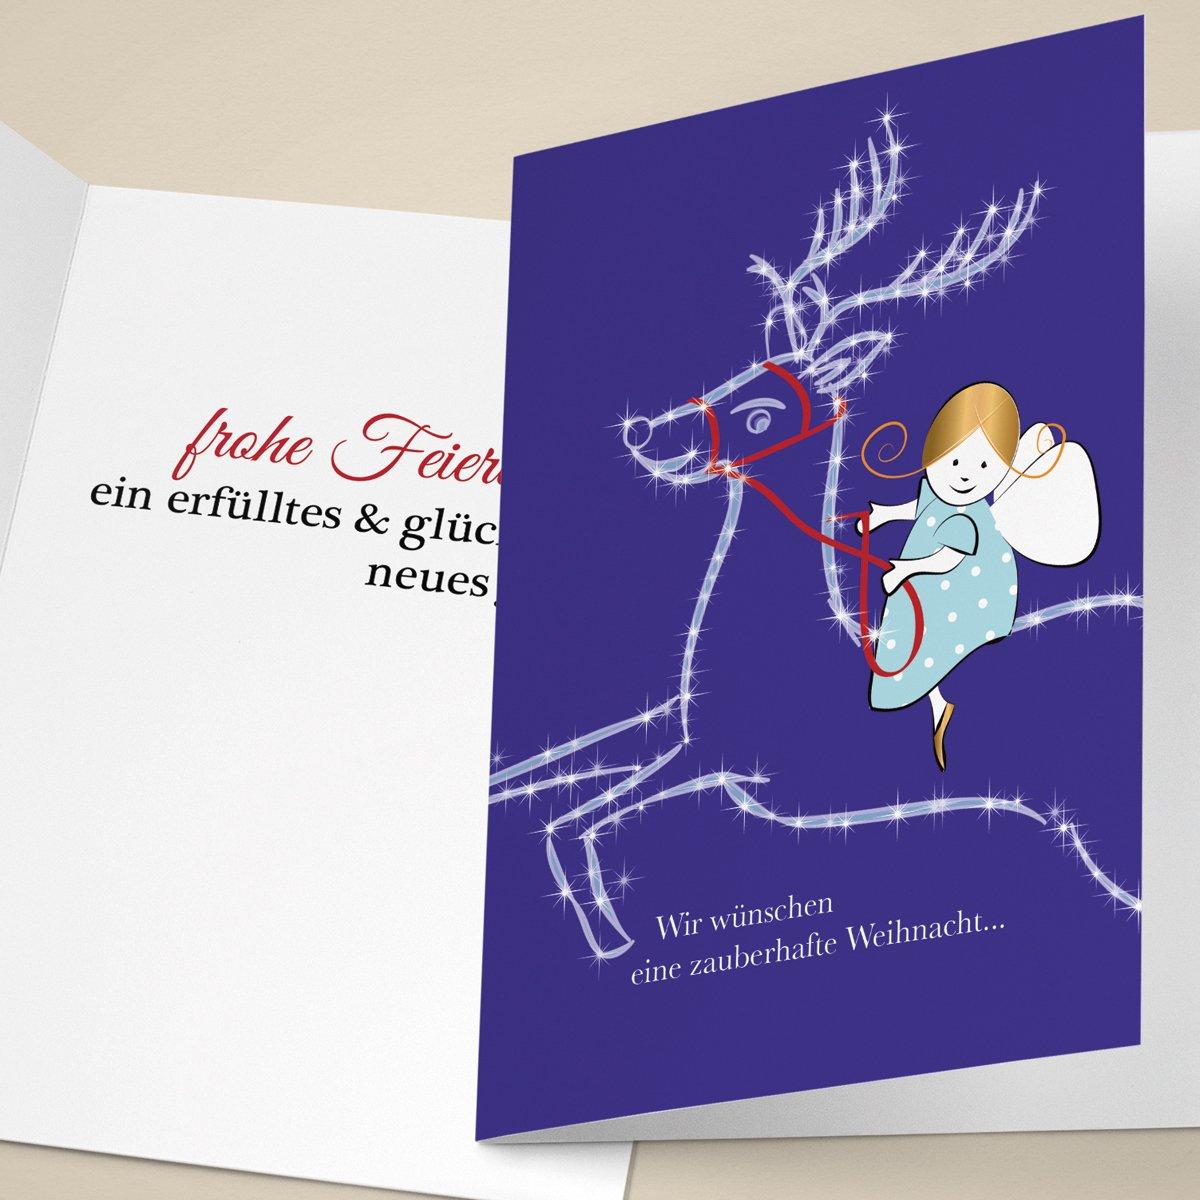 20er Set Niedliche Unternehmen Weihnachtskarten mit Engel auf Rentier, mit mit mit ihrem Innentext (Var6) drucken lassen, als geschäftliche Weihnachtsgrüße   Neujahrskarte   Firmen Weihnachtskarte für Kunden, Geschäftspartner, Mitarbeite f91851